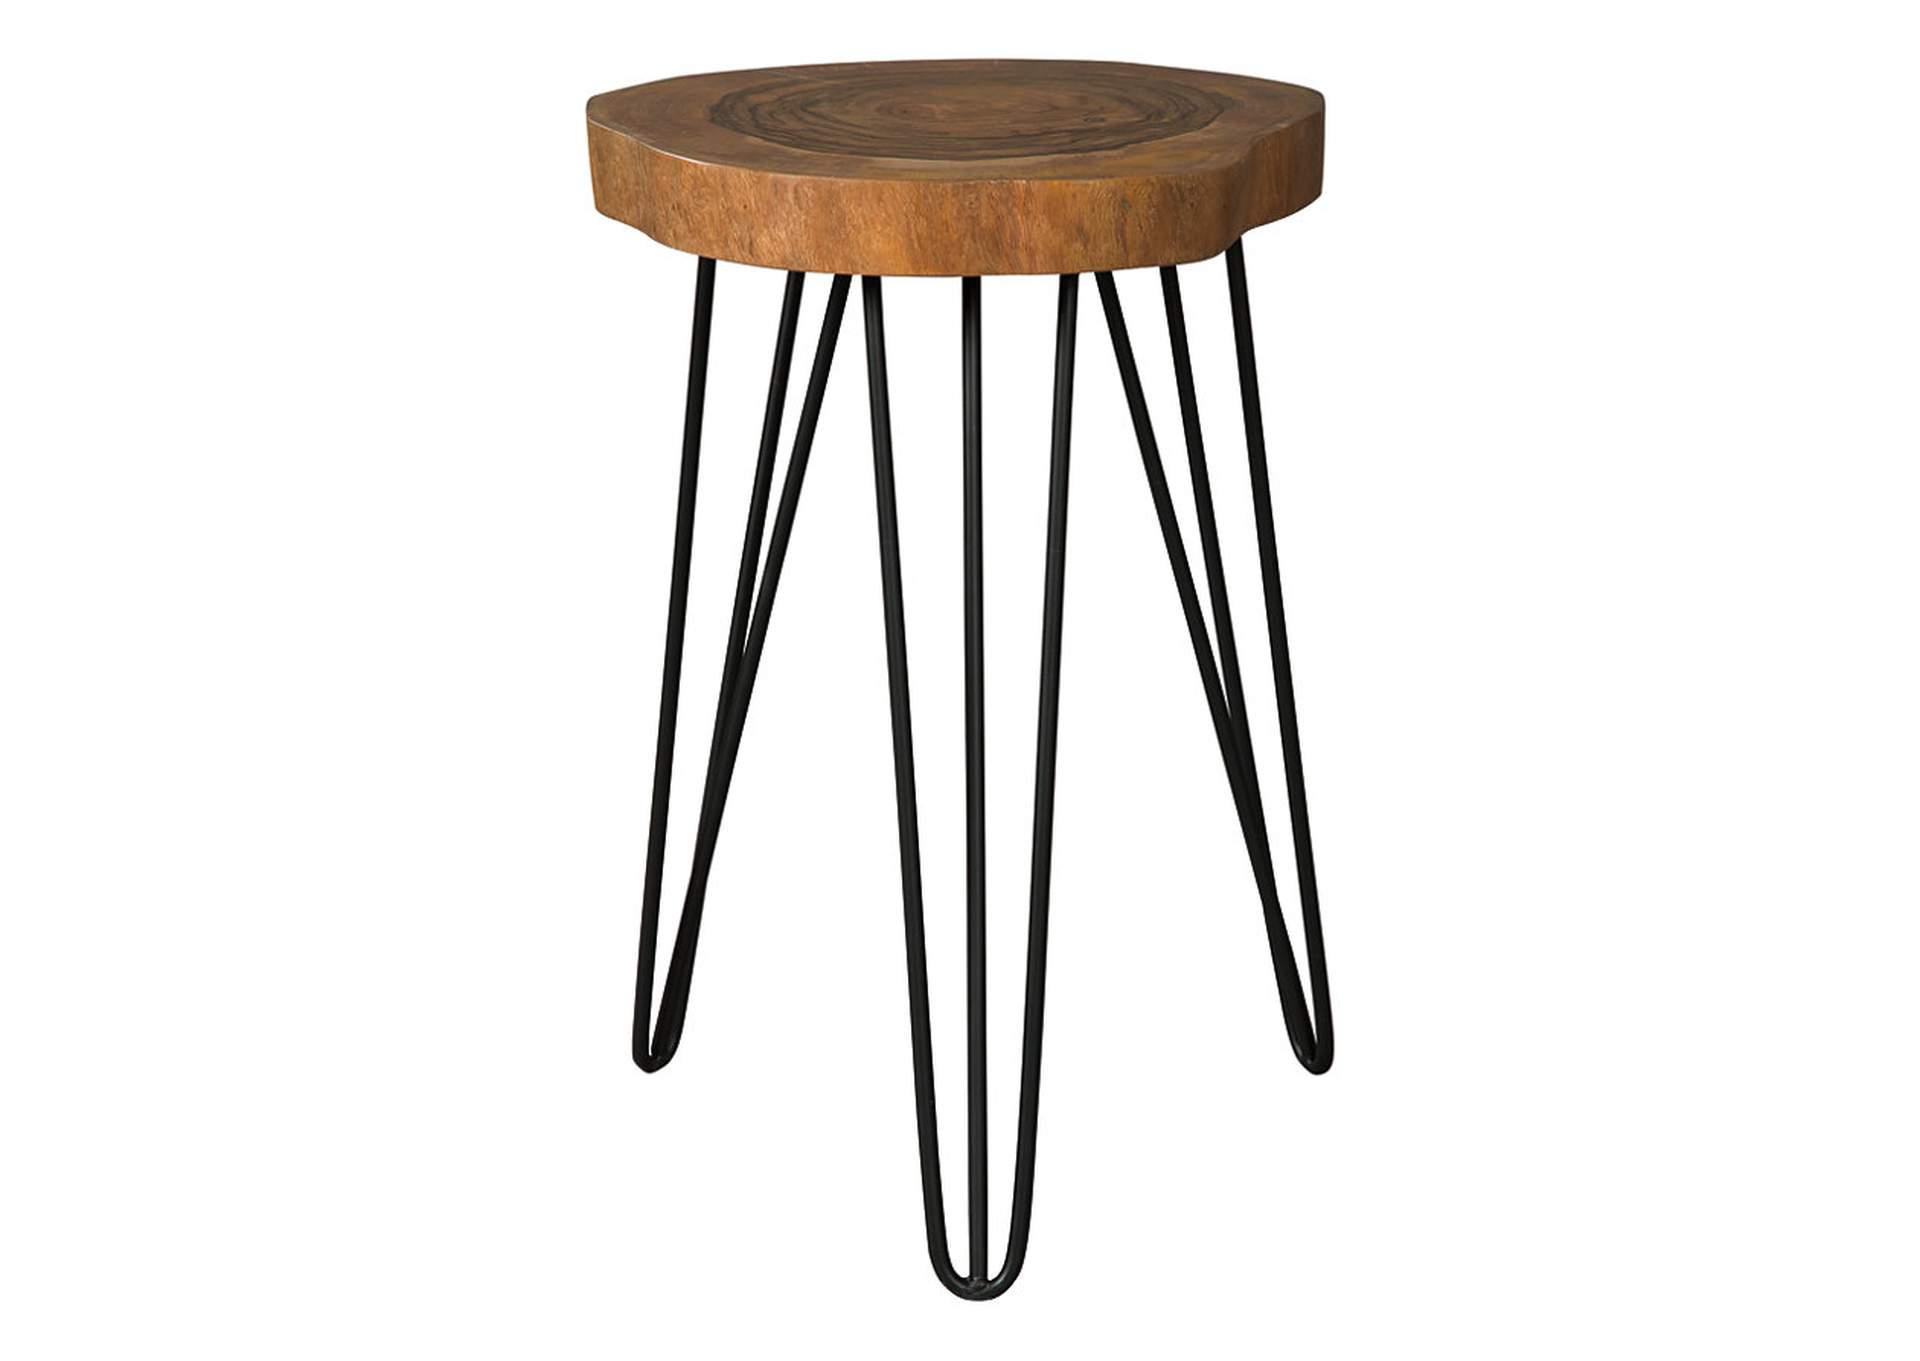 Eversboro Brown/Black Accent Table   PEDIDO ESPECIAL